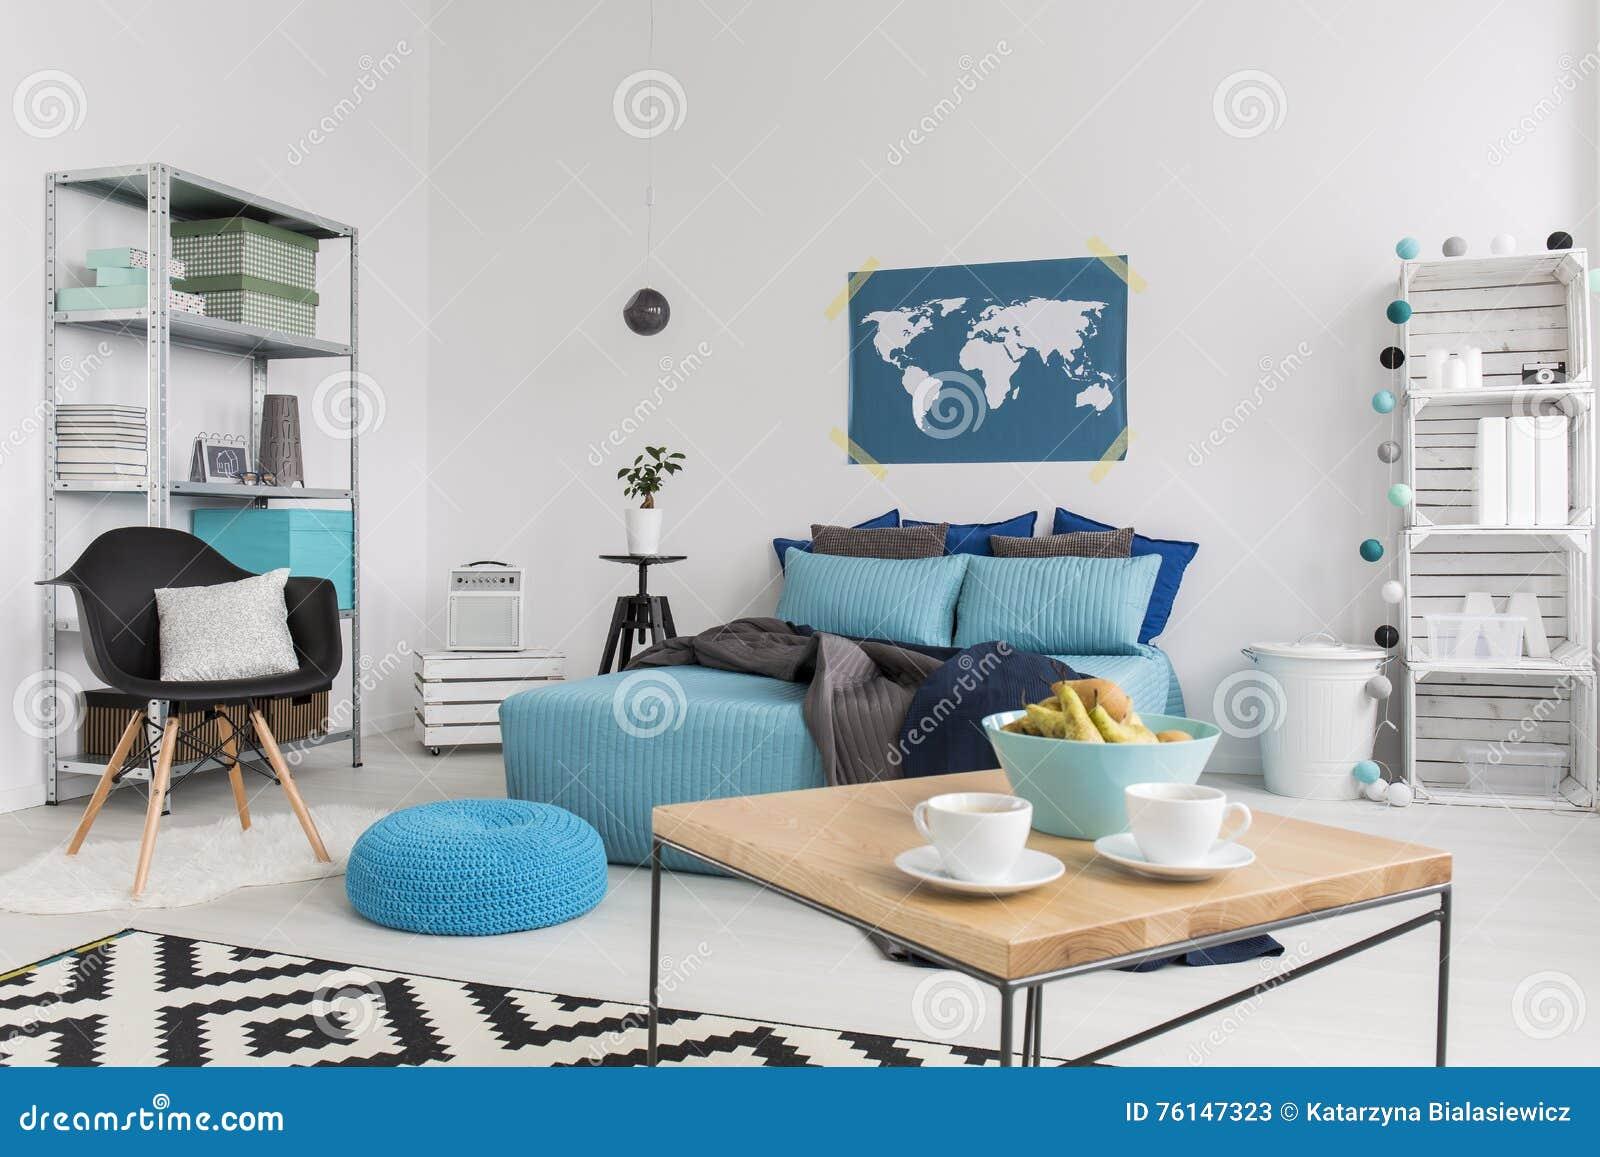 Slaapkamer Ideeen Turquoise : Modern binnenland met milieuvriendelijke ideeën stock afbeelding